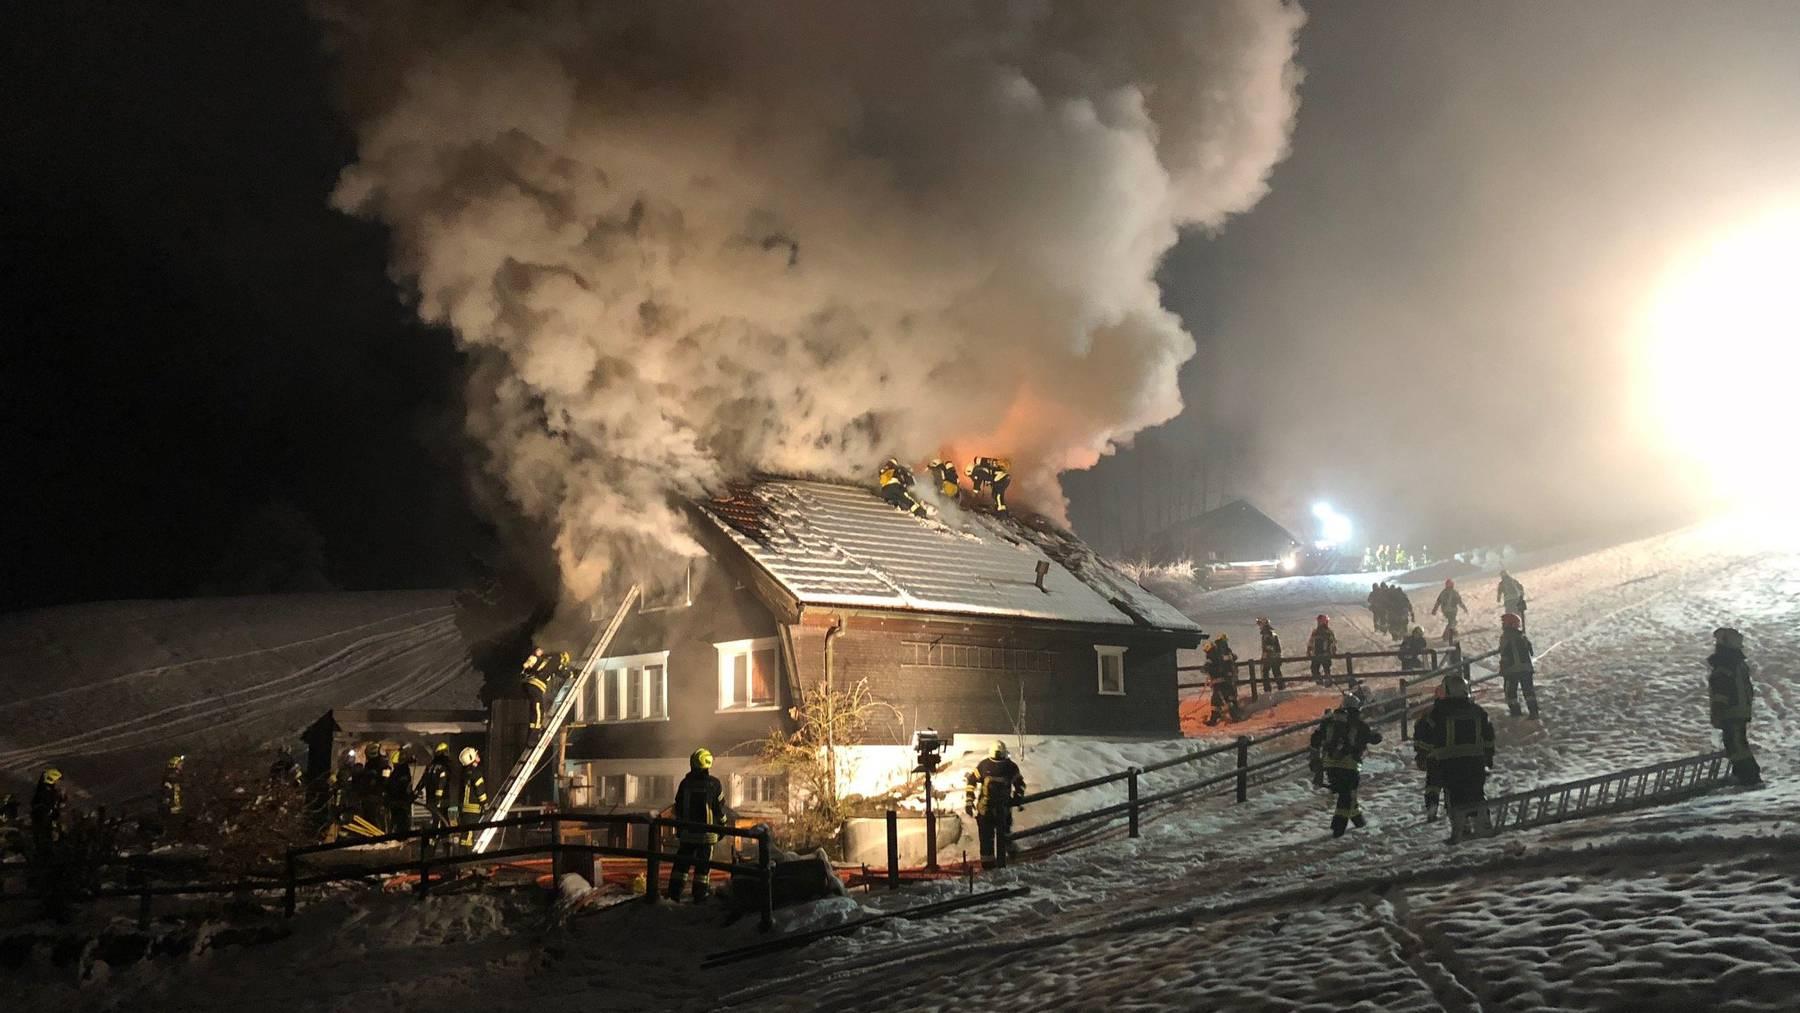 Der Schaden am Gebäude beläuft sich auf mehrere hunderttausend Franken.